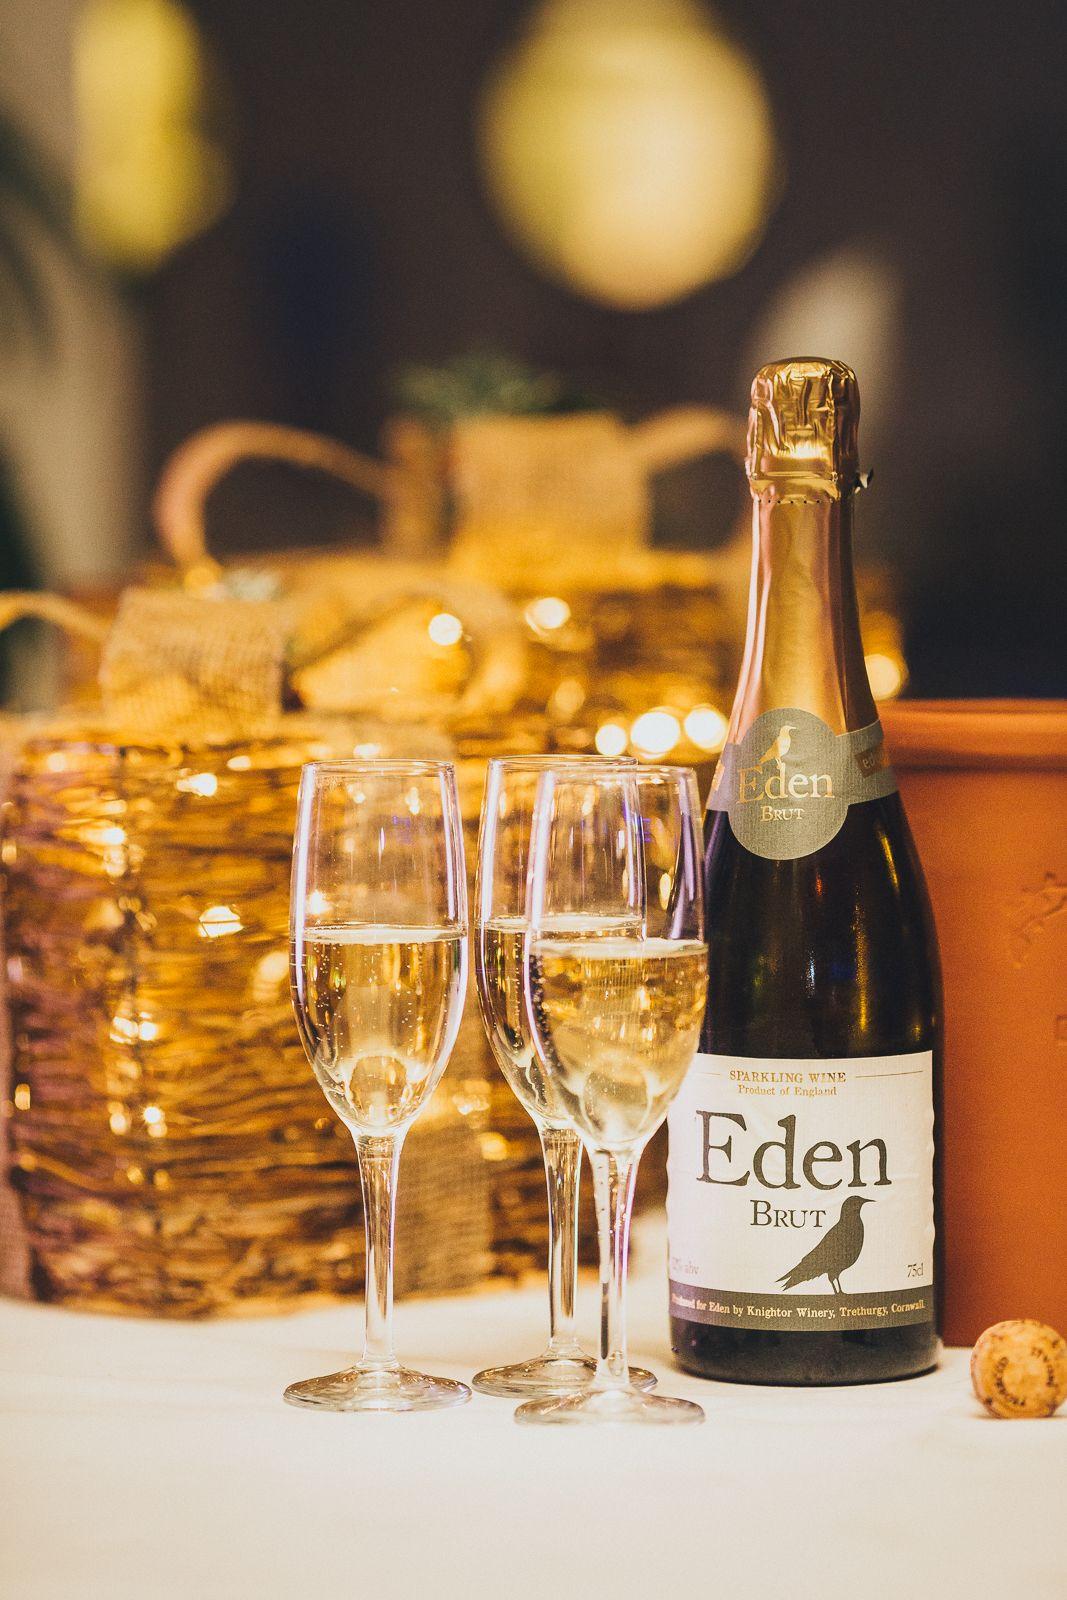 Enjoy a glass of Knightor ' Eden' Brut made less than a